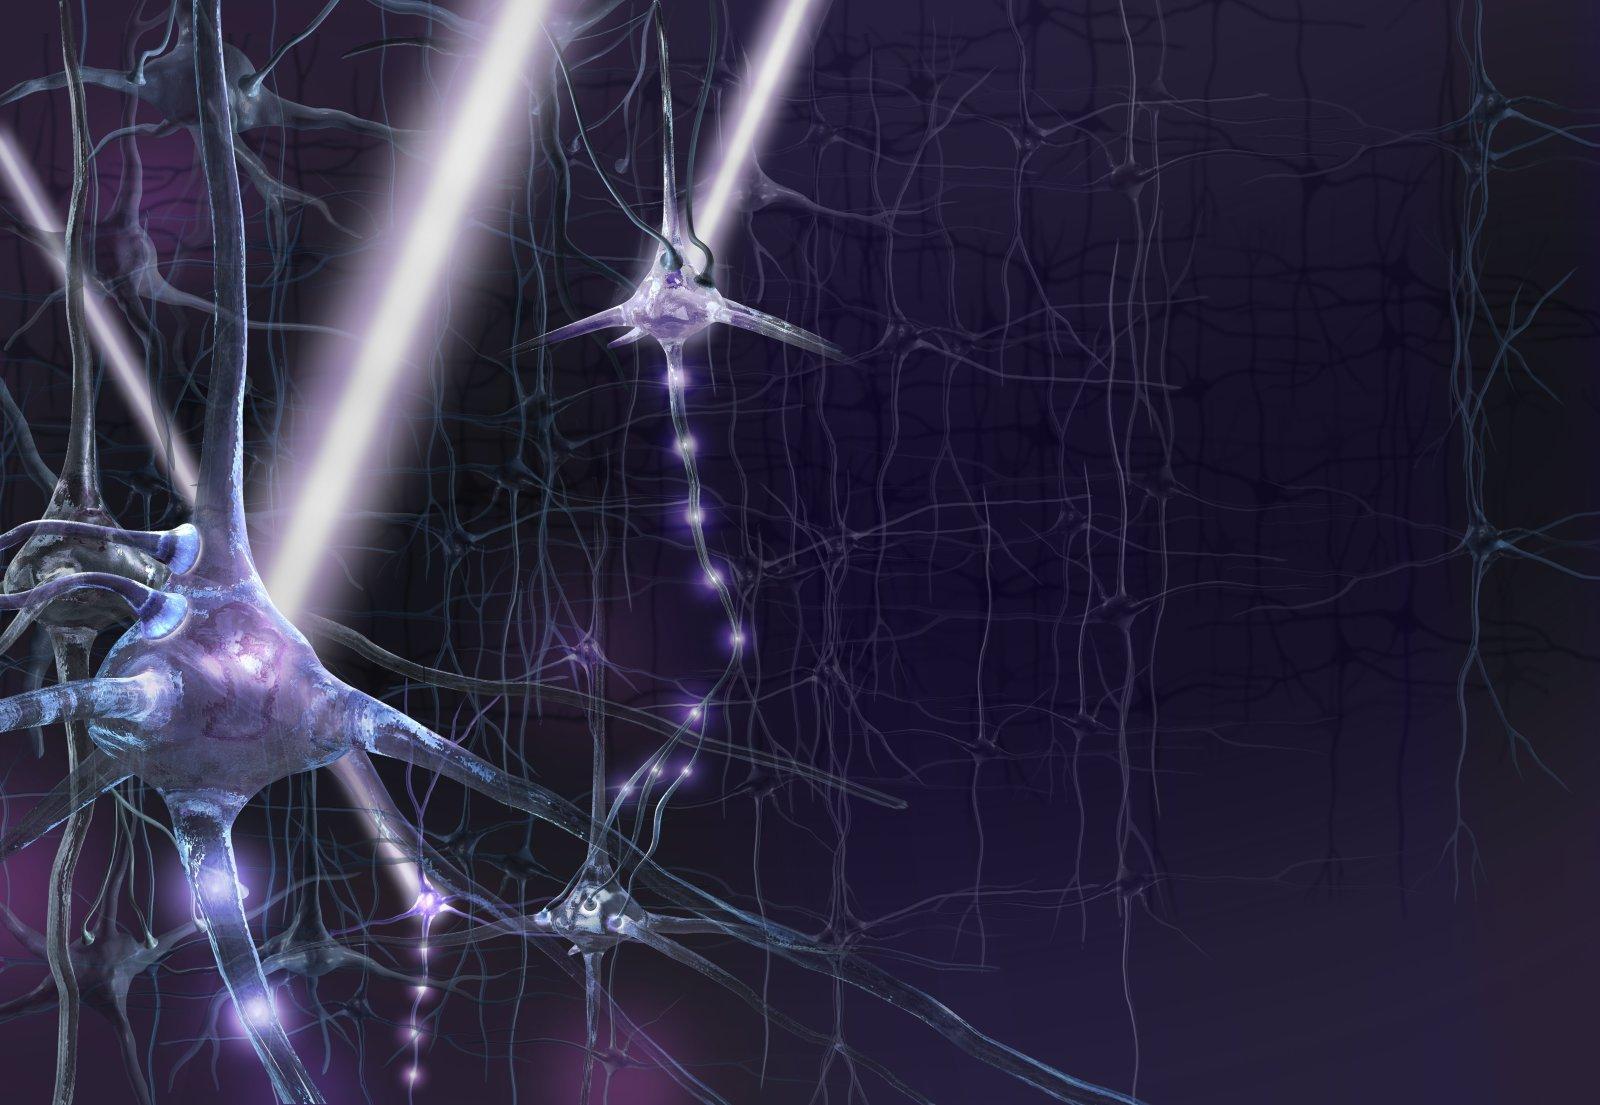 استفاده از نور برای از بین بردن سلول های سرطانی